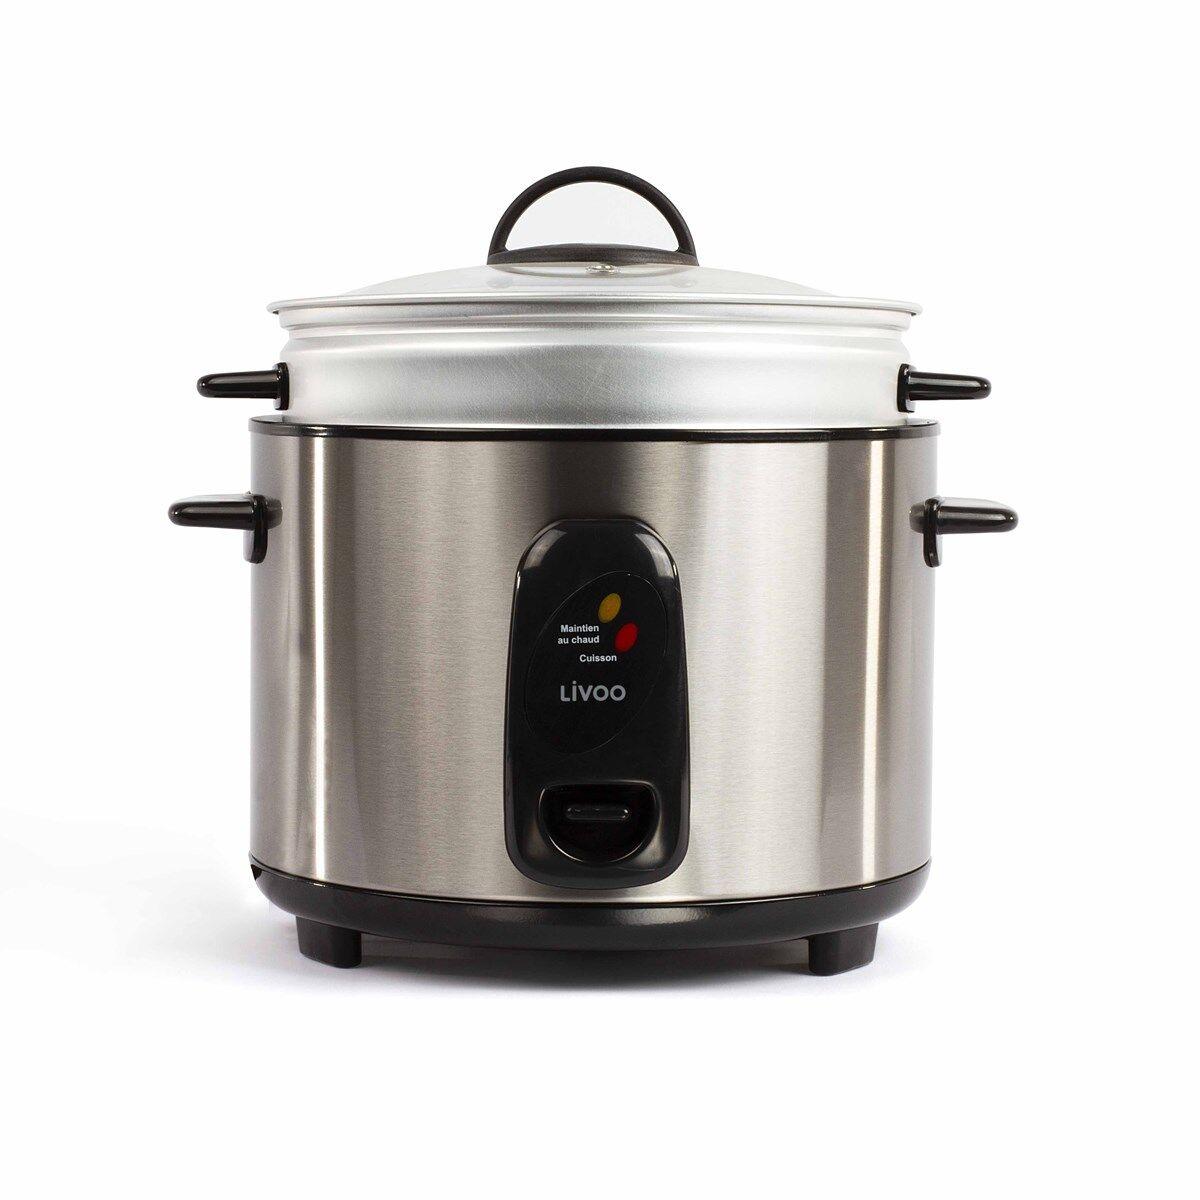 Livoo Cuiseur  riz et vapeur 2,8L en Acier inoxydable Gris